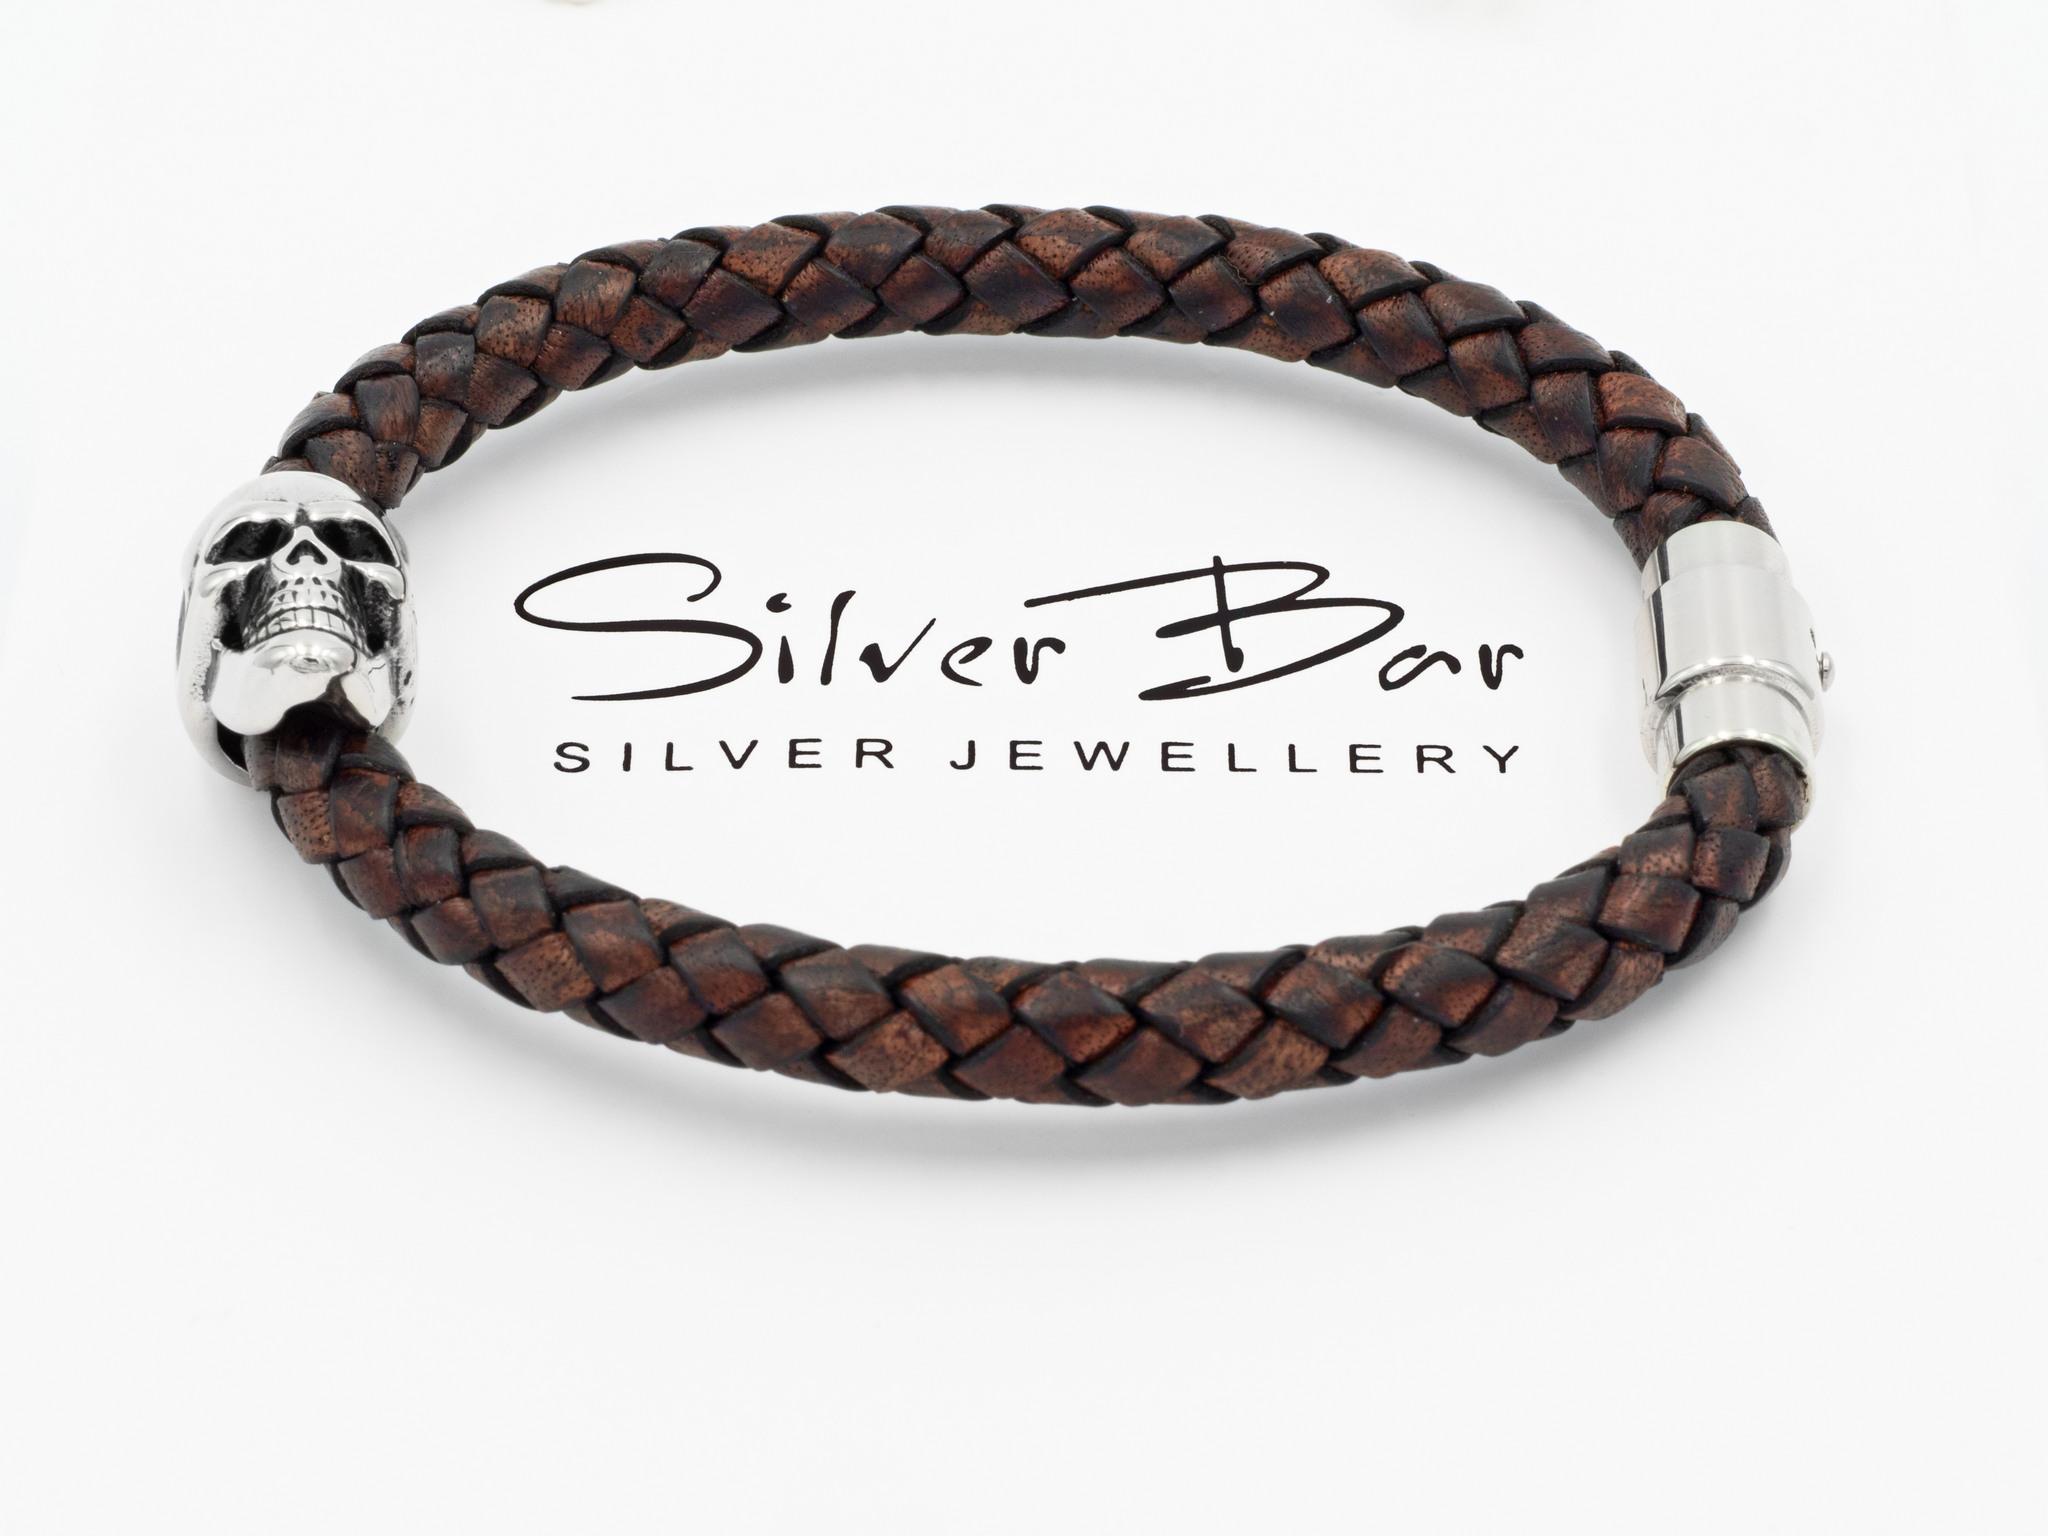 Silver Bar.men